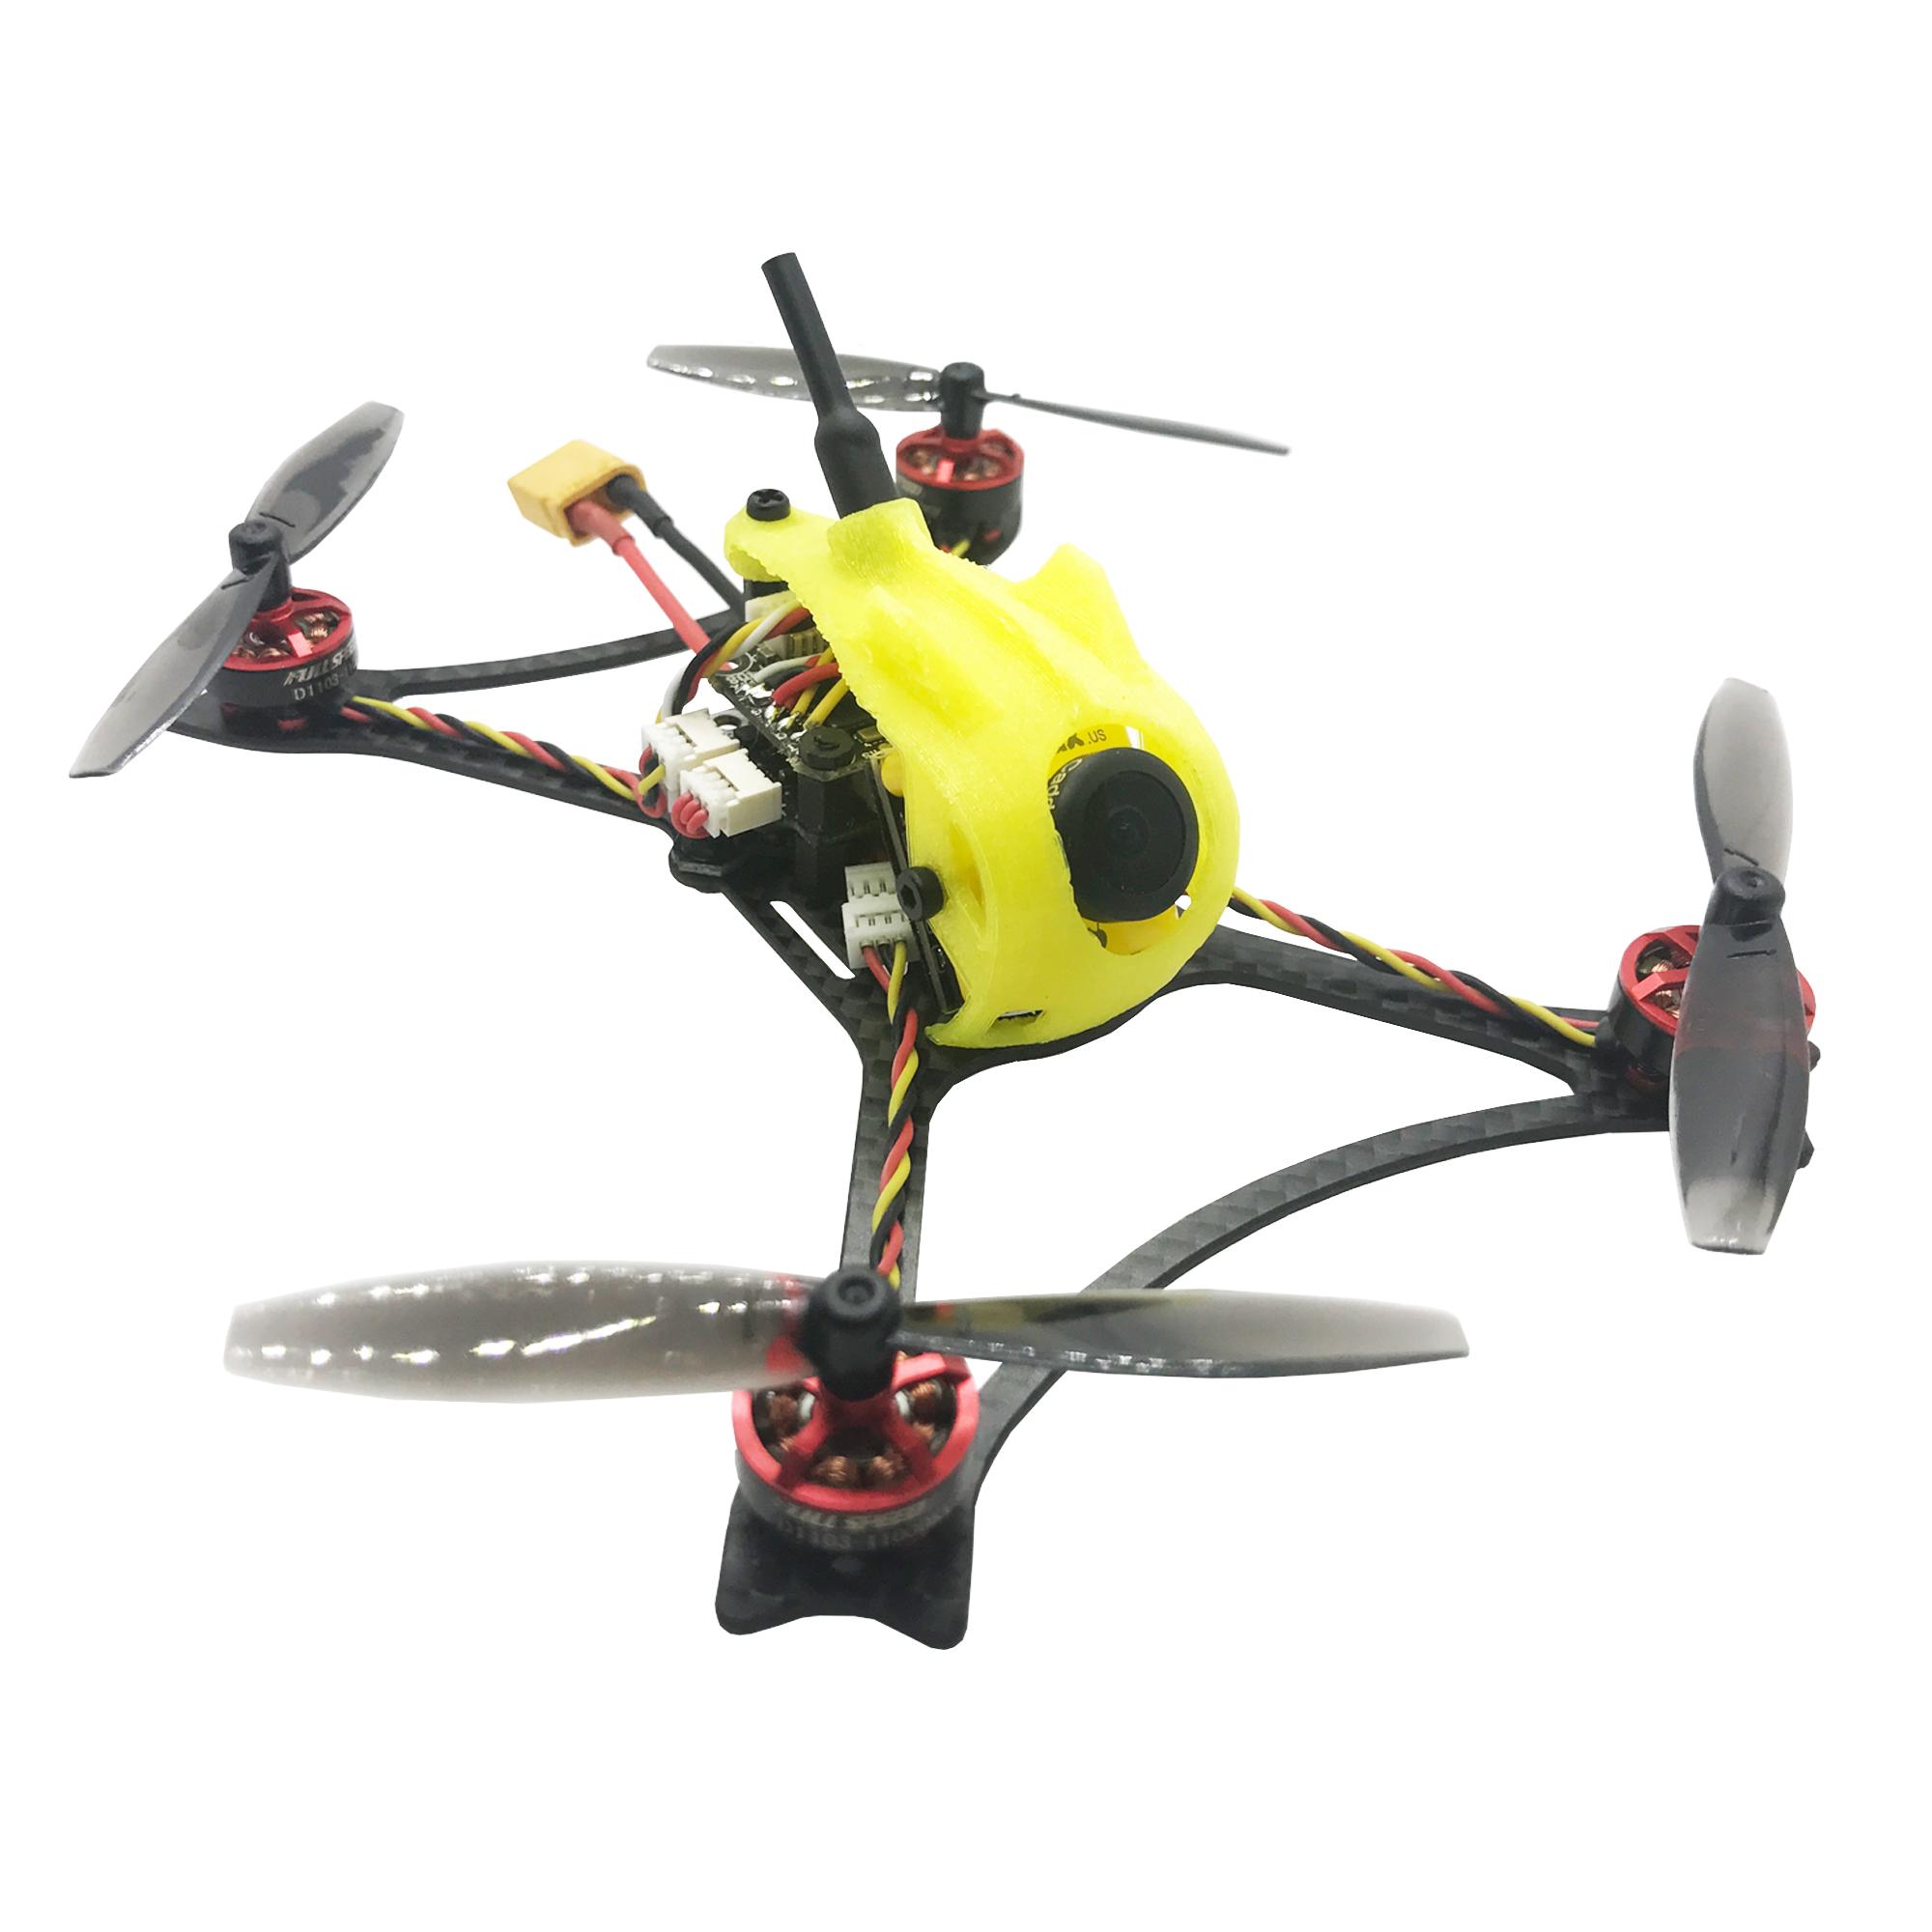 SN Hobbies - RC Multirotors, Airplanes, Helicopters, Cars & Trucks